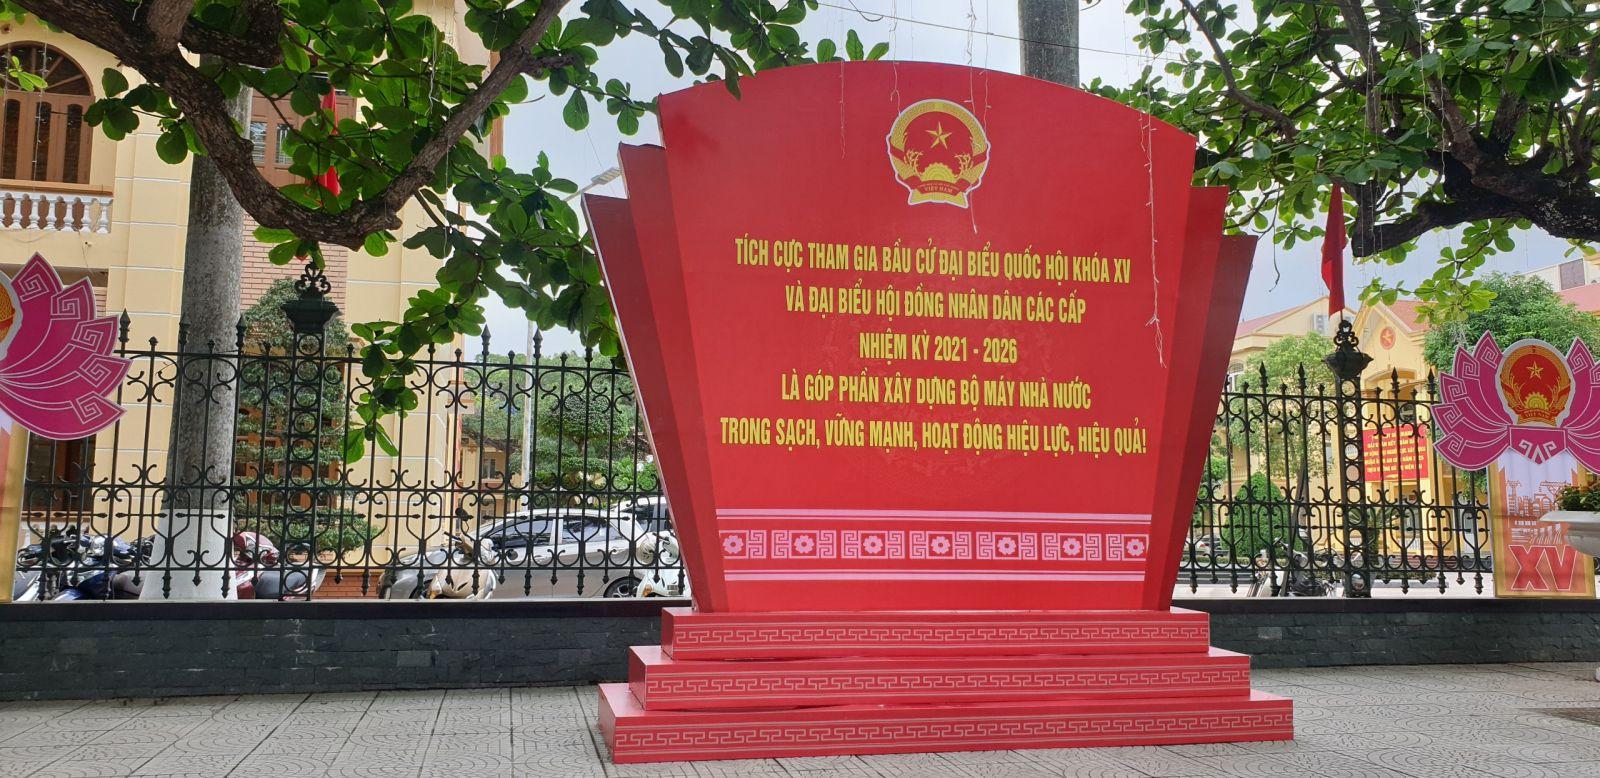 : Công tâc khánh tiết đại hội đại biểu được chuẩn bị chu đáo trước thềm bầu cử đại biểu Quốc hội khóa XV và đại biểu HĐND nhiệm kỳ 2021- 2026 tại UBND Quận Kiến An TP Hải Phòng